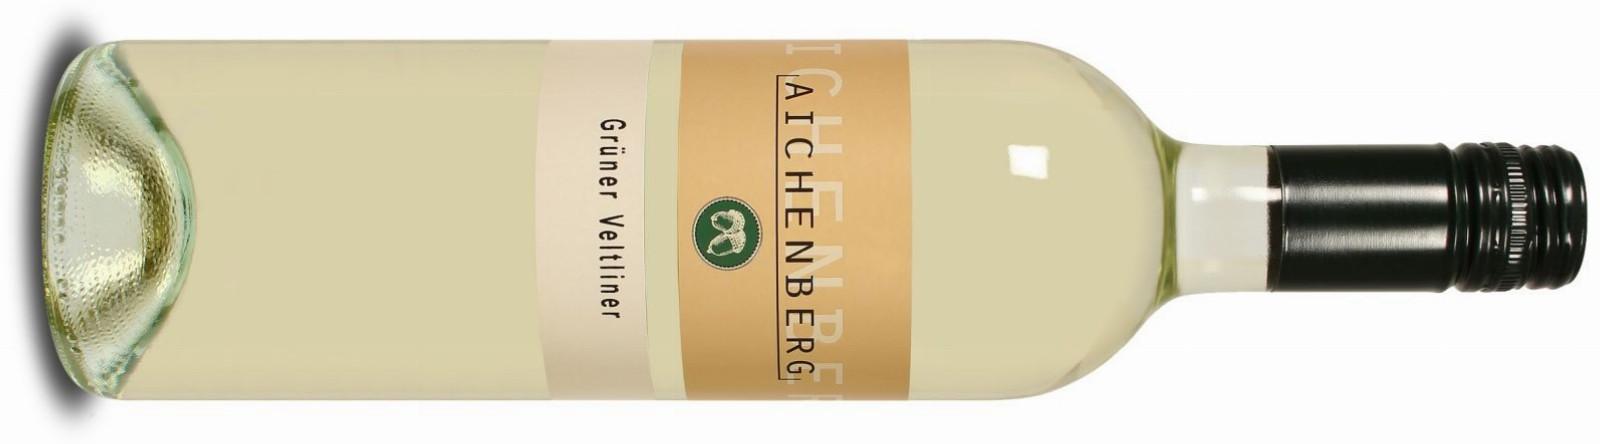 Aichenberg Grüner Veltliner Classic 2013